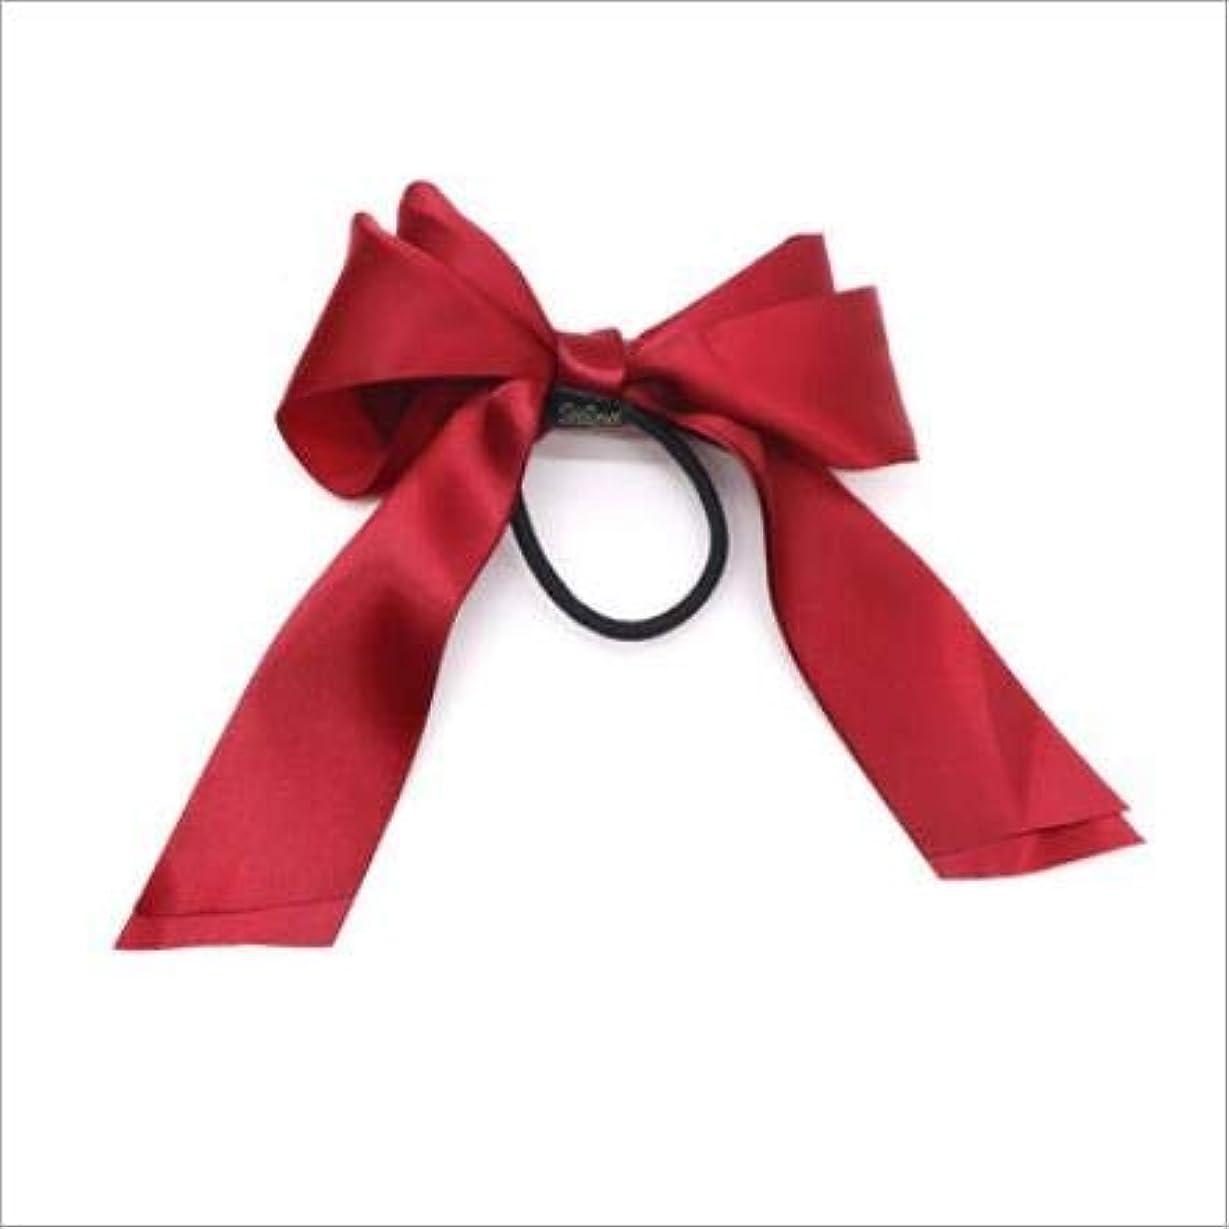 ラベンダー大量崇拝するHairpinheair YHM 3PCS女性ラバーバンドティアラサテンリボンボウヘアバンドロープシュシュポニーテールホルダー(ピンク) (色 : Red)